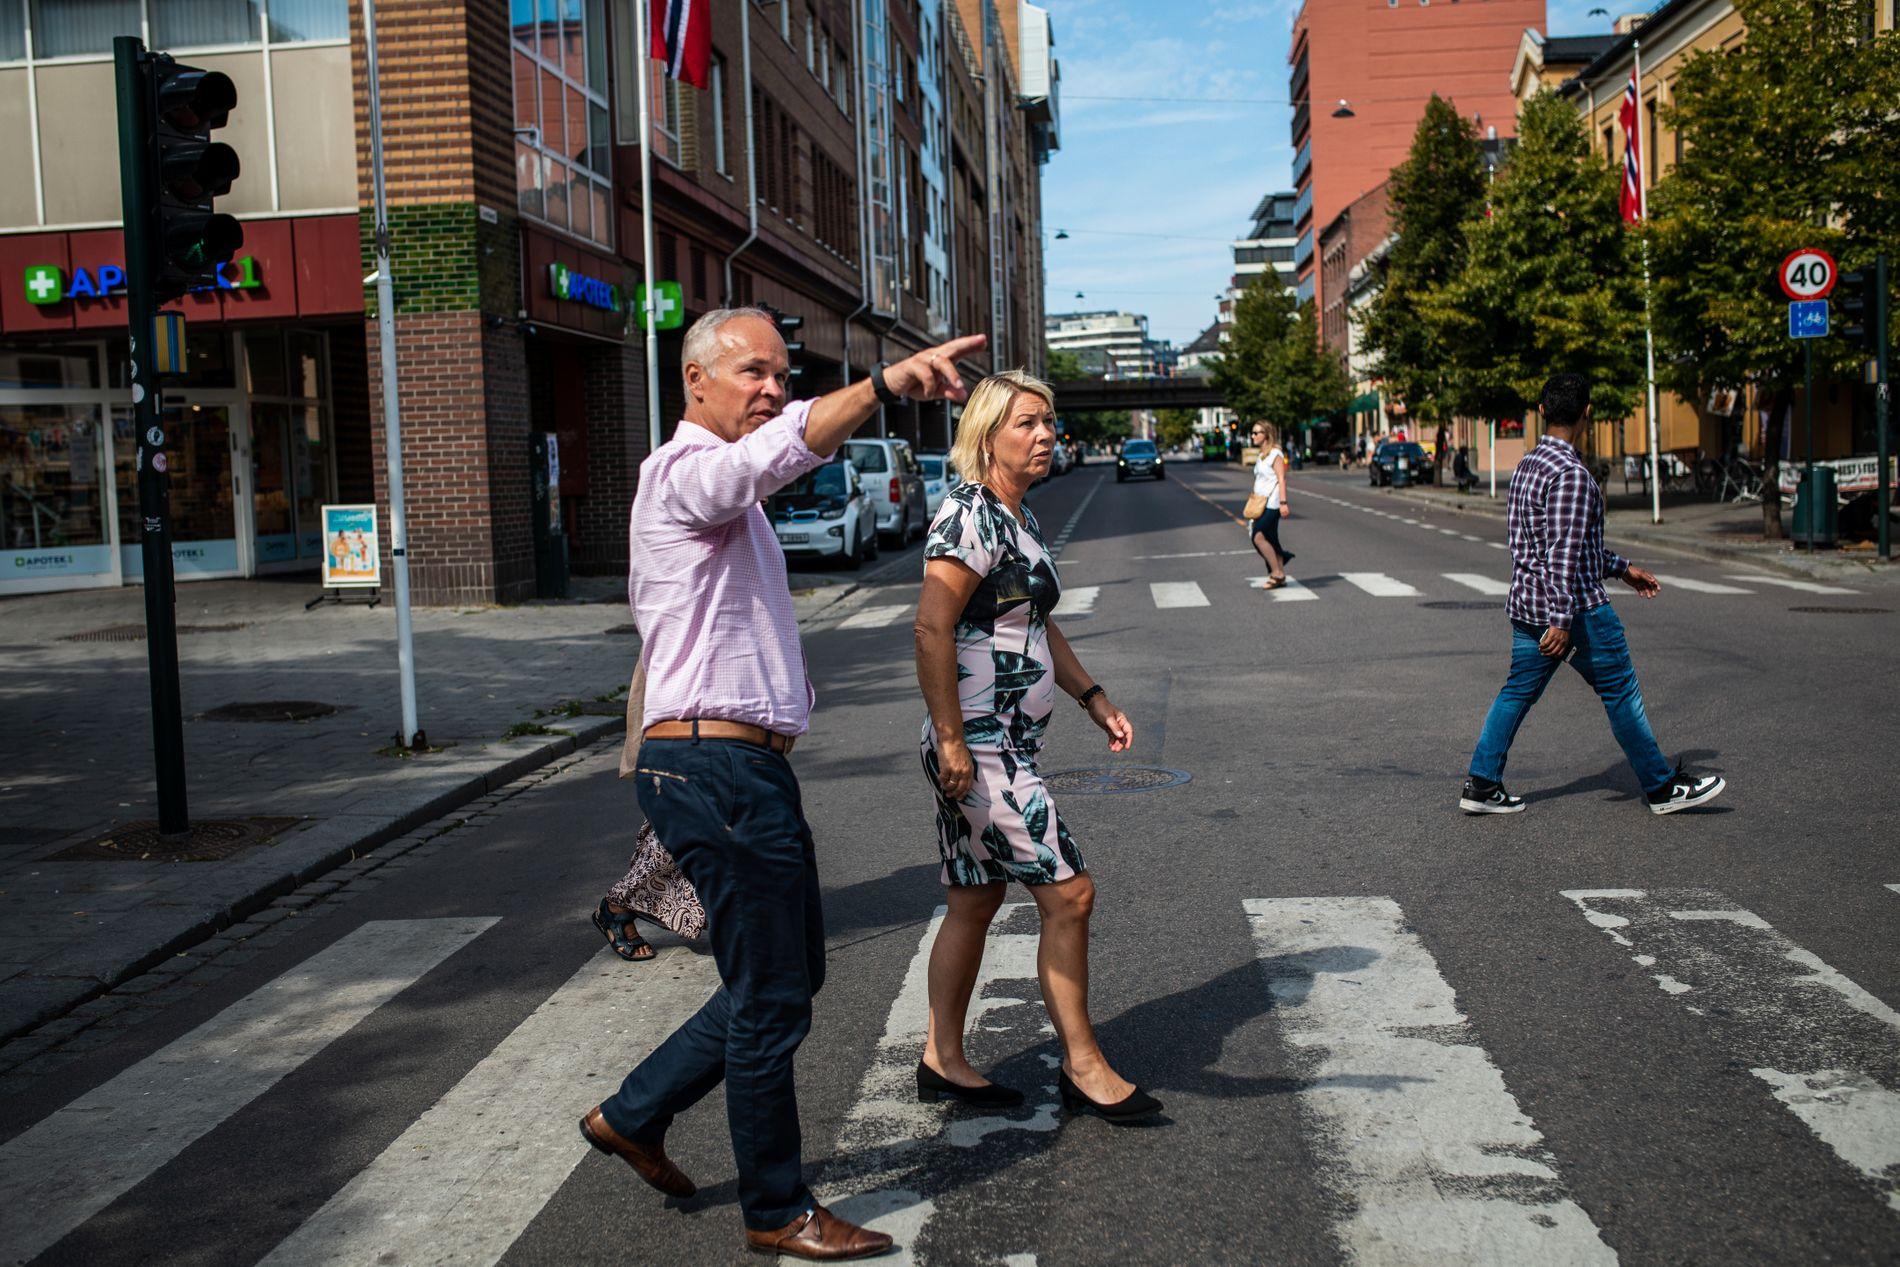 KUNNSKAP: Integreringsminister Jan Tore Sanner (H) og kommunal- og moderniseringsminister Monica Mæland (H) sier at de ikke har hatt nok kunnskap om utfordringene rundt levekår og integrering i Norge, og at utfordringene har endret seg.